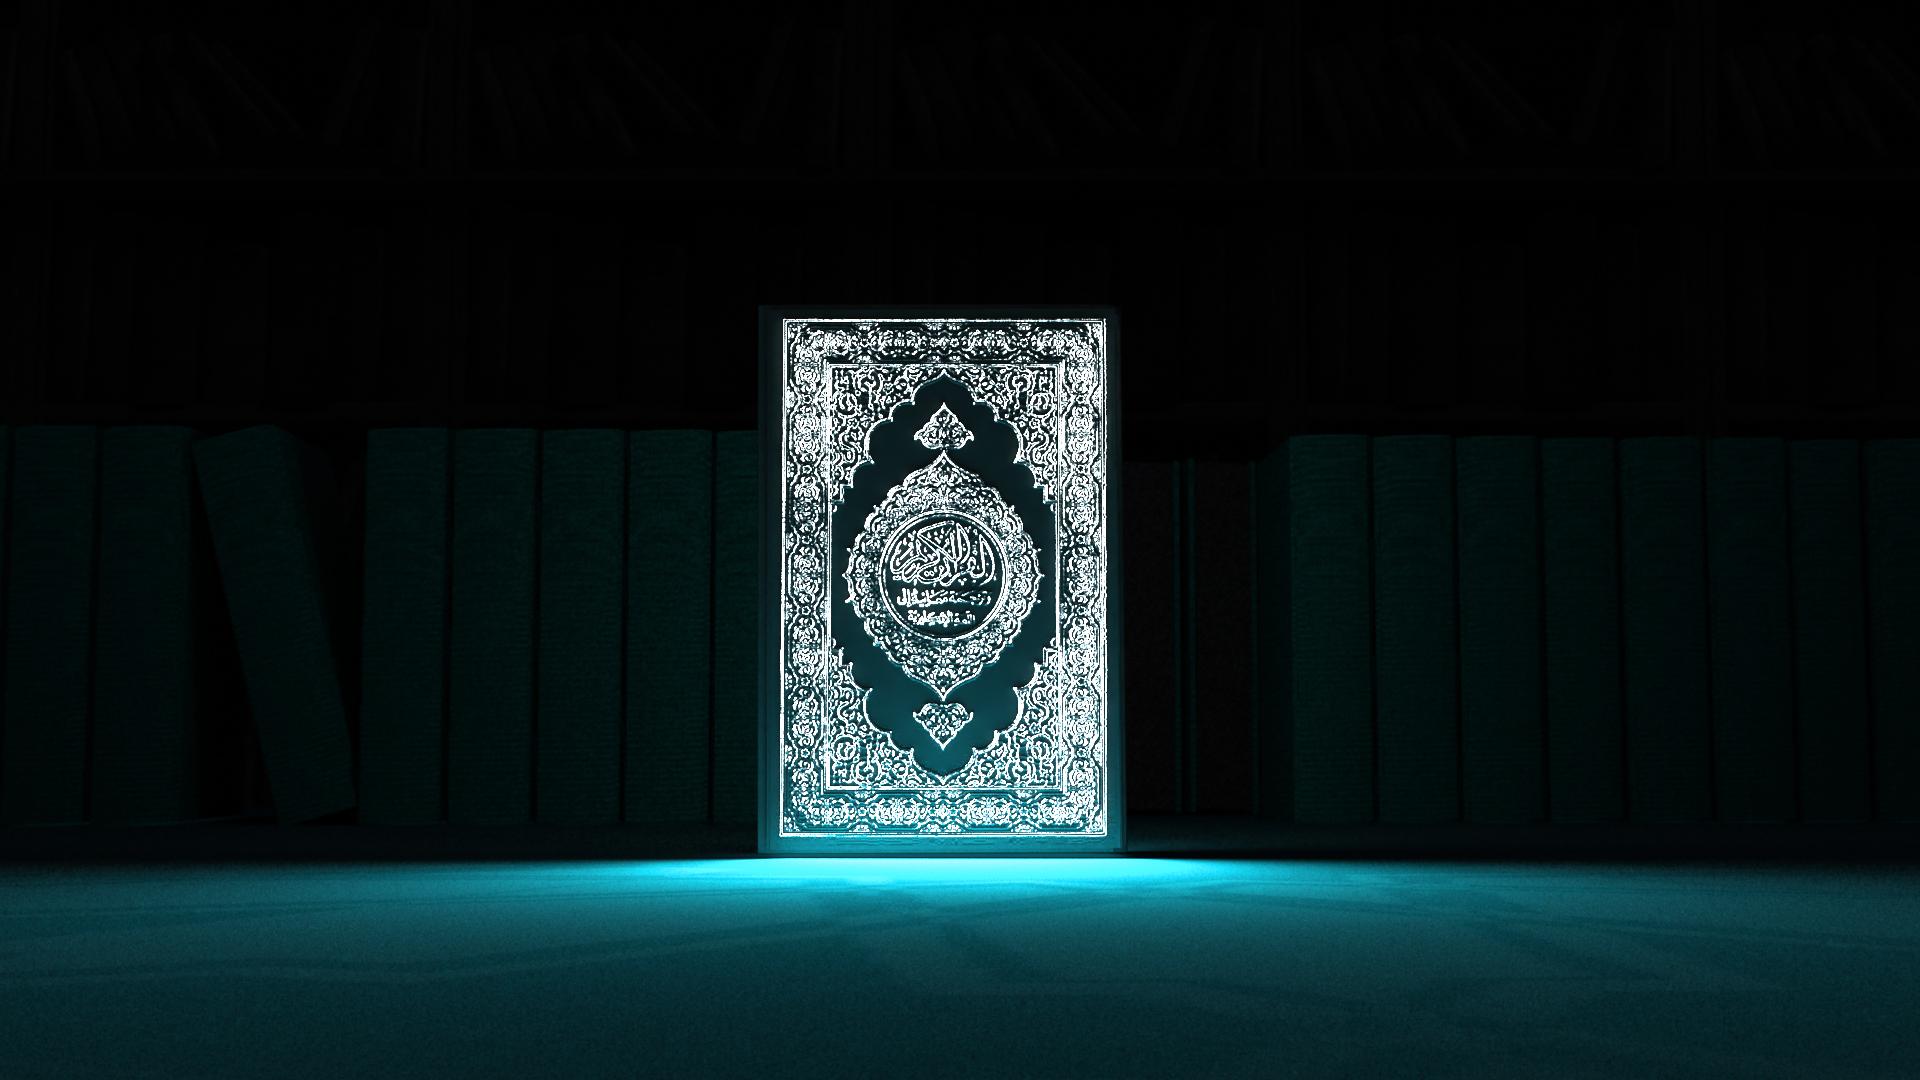 quran wallpaper 020